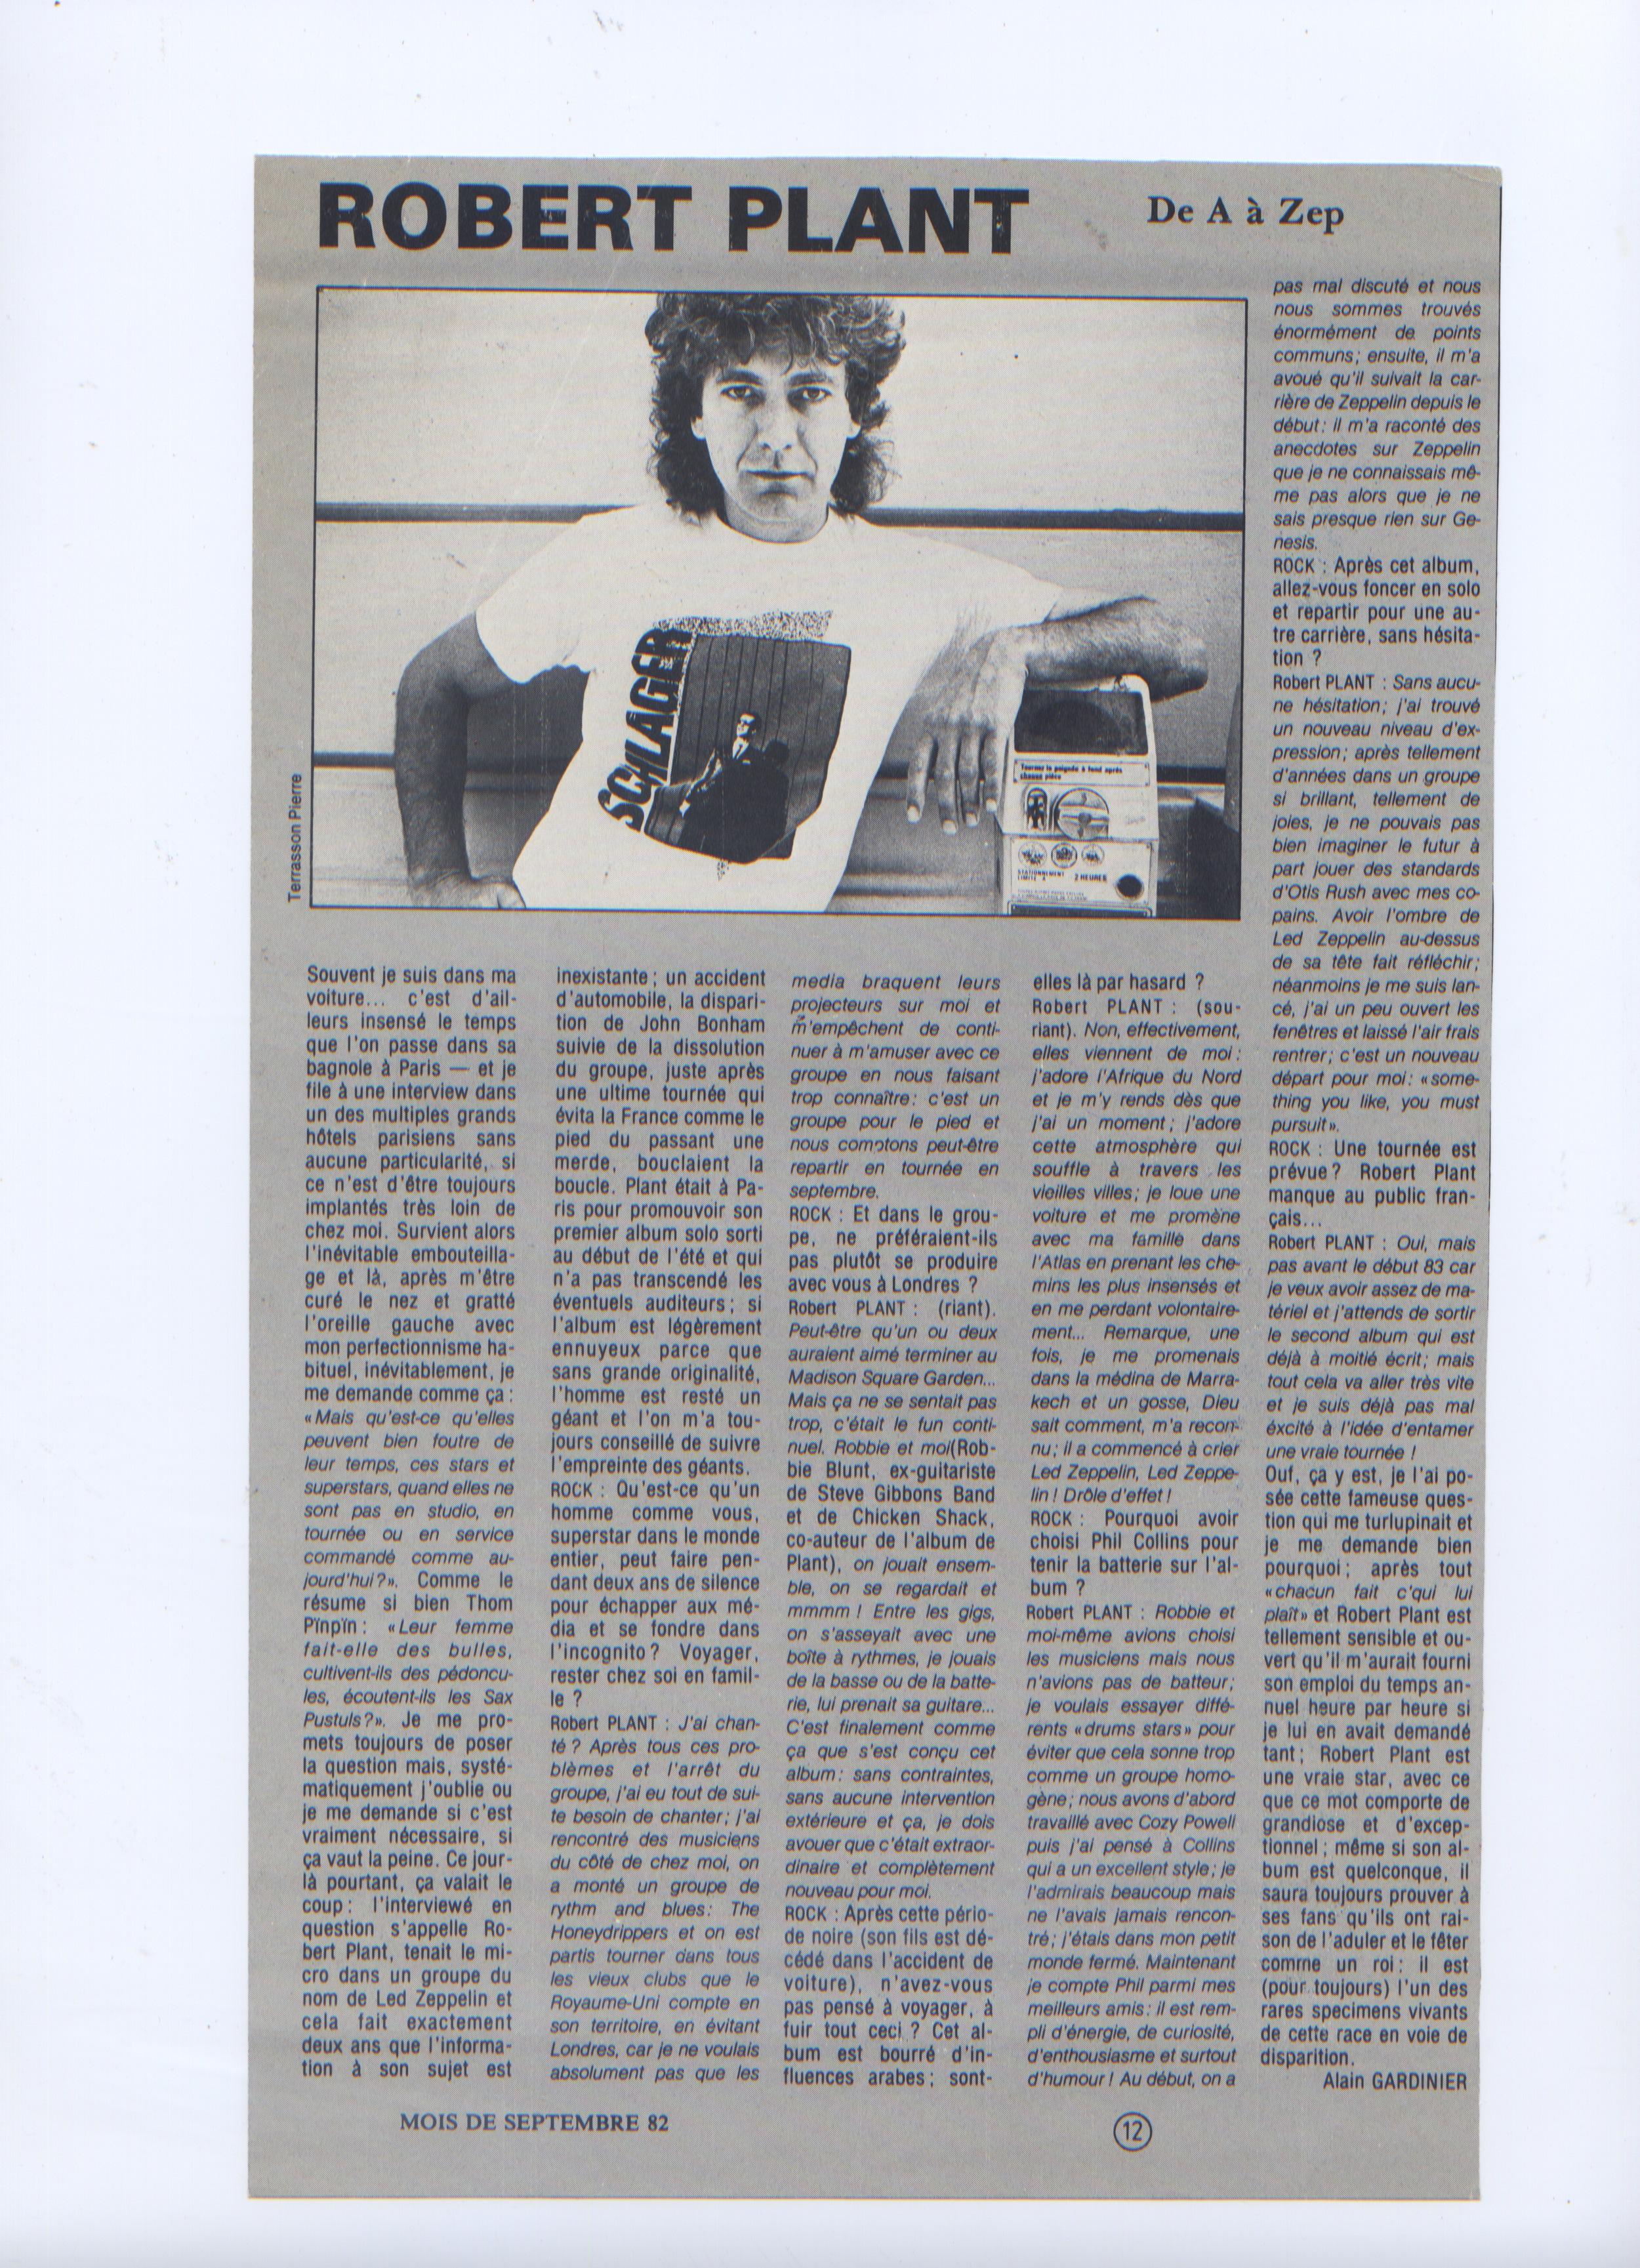 ROCK PAGE 1.jpeg